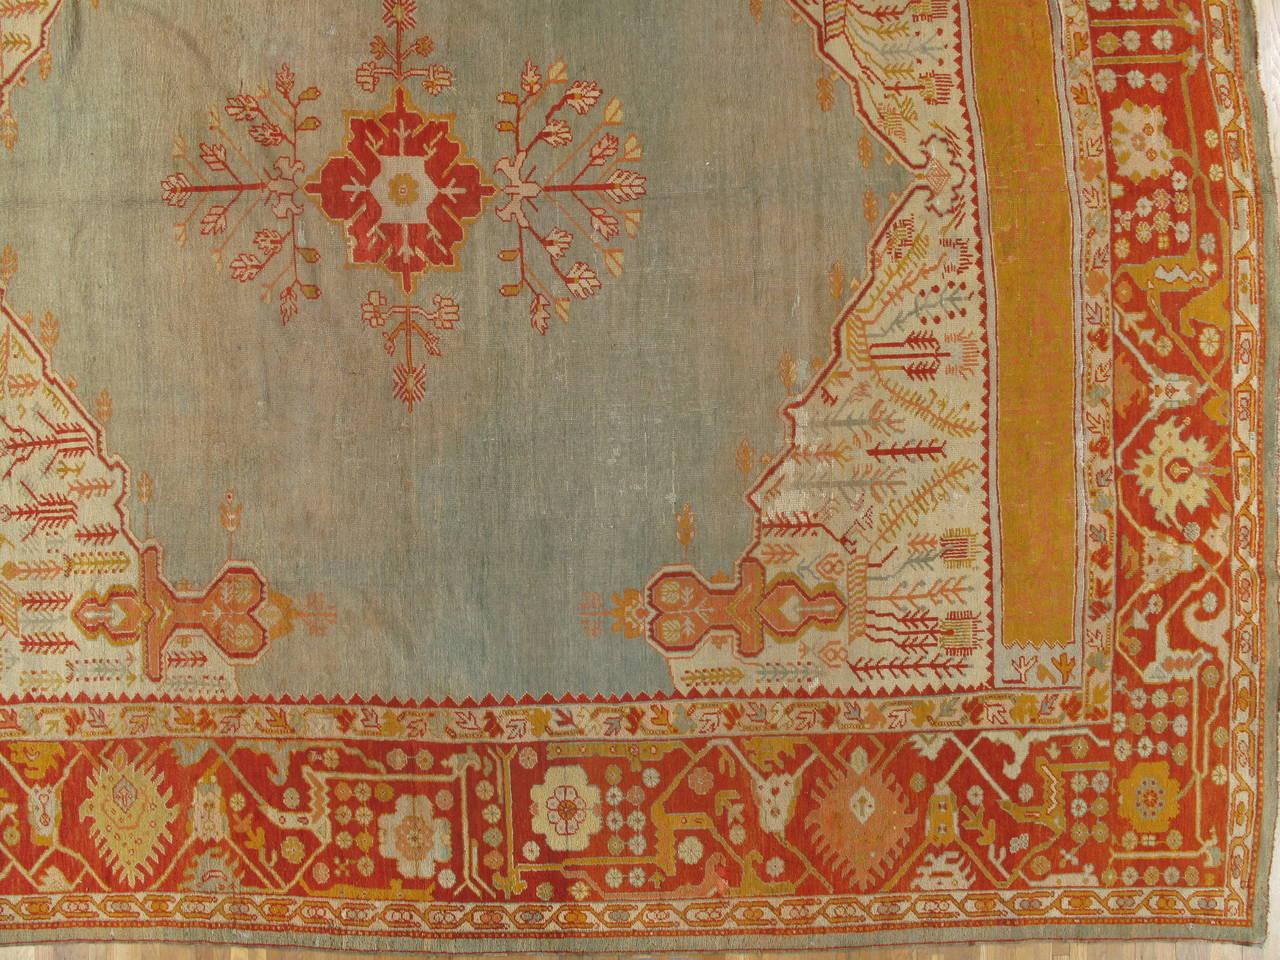 Antiker Handgefertigter Orientalischer Oushak Teppich in Hellgrün, Gelb, Koralle 5